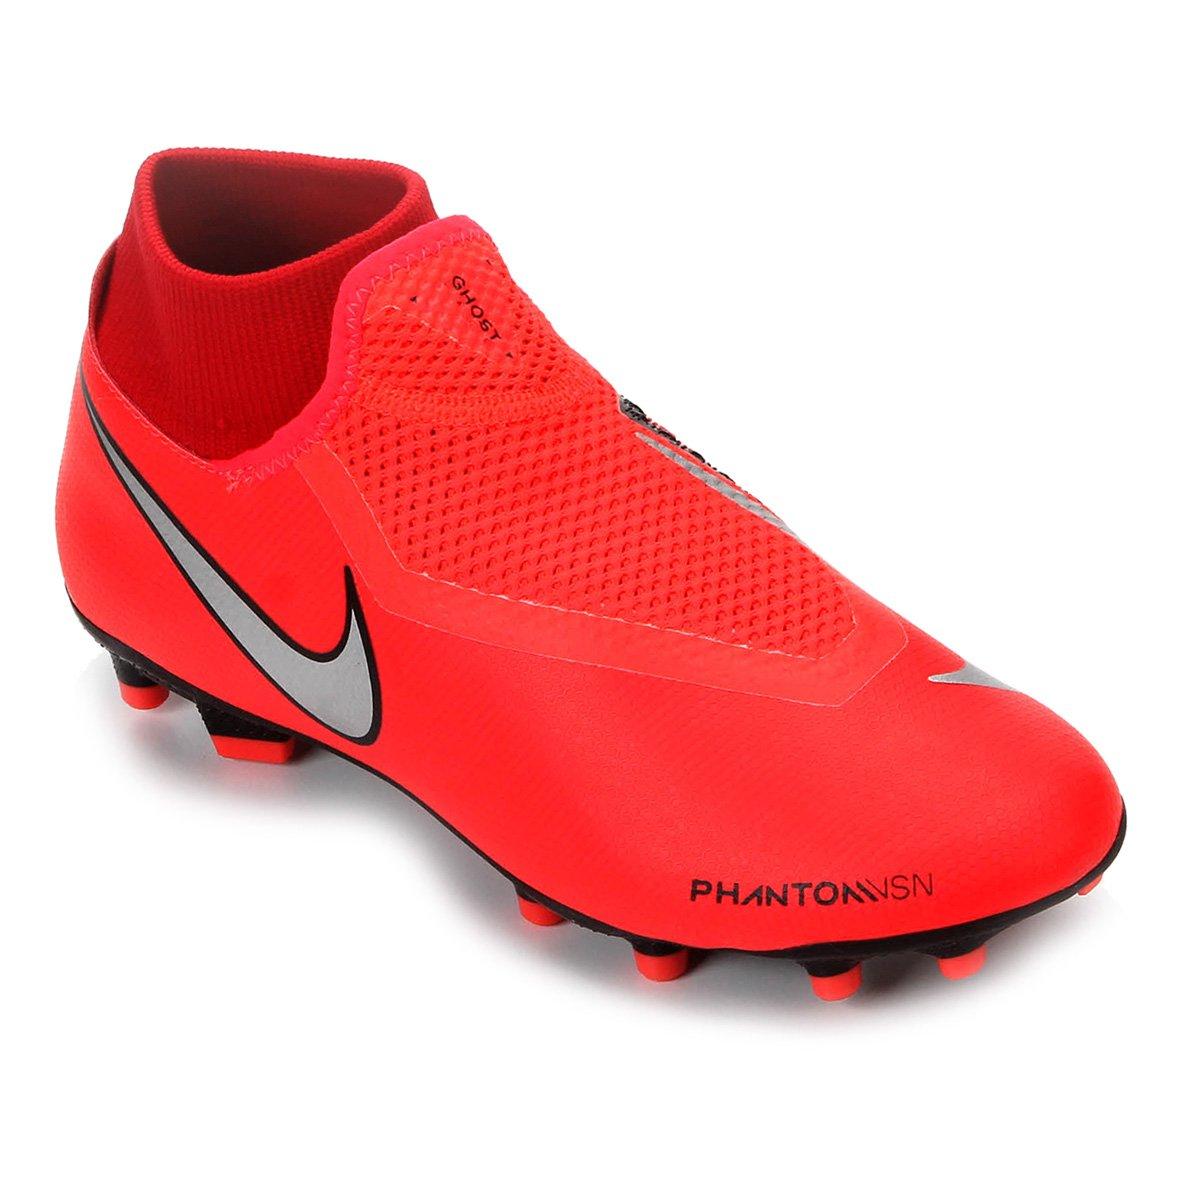 080c266940 Chuteira Campo Nike Phantom Vision Academy DF FG - Vermelho e Prata ...